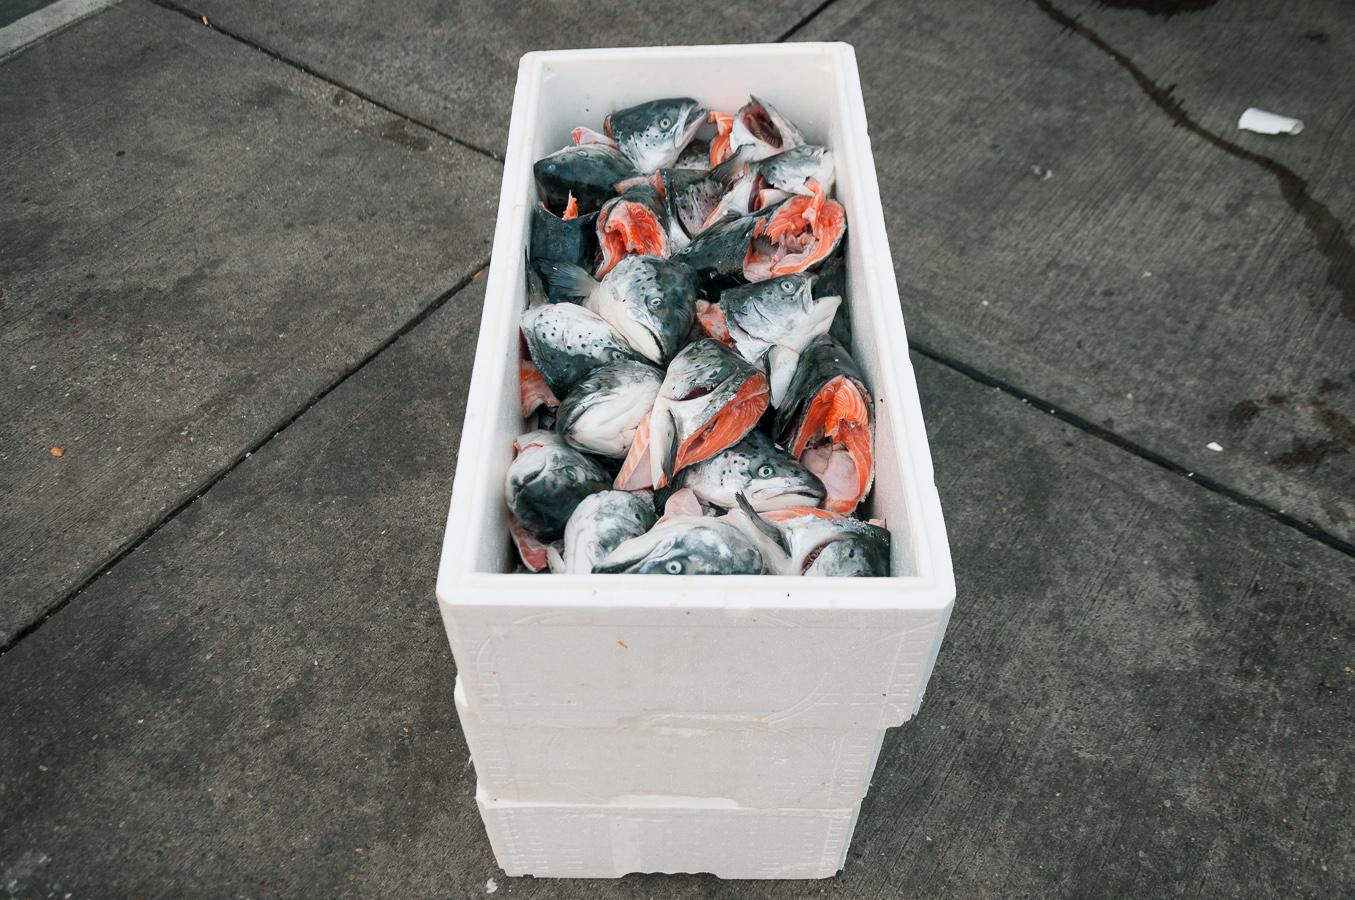 billings-gate-market-salmon-heads.jpg